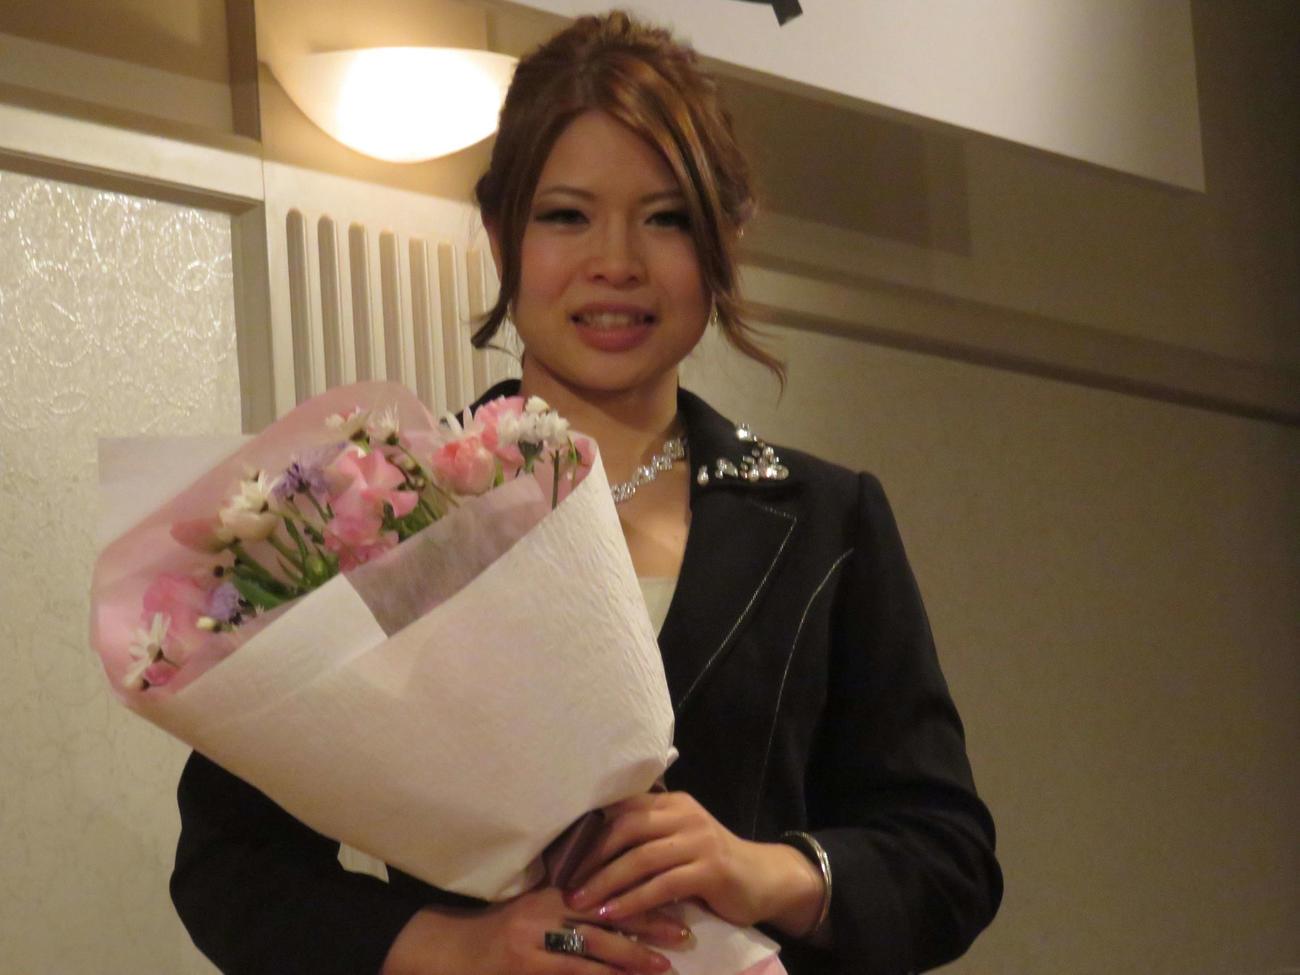 17年ガールズグランプリ優勝祝勝会で花束を手にする石井(撮影・山本幸史)